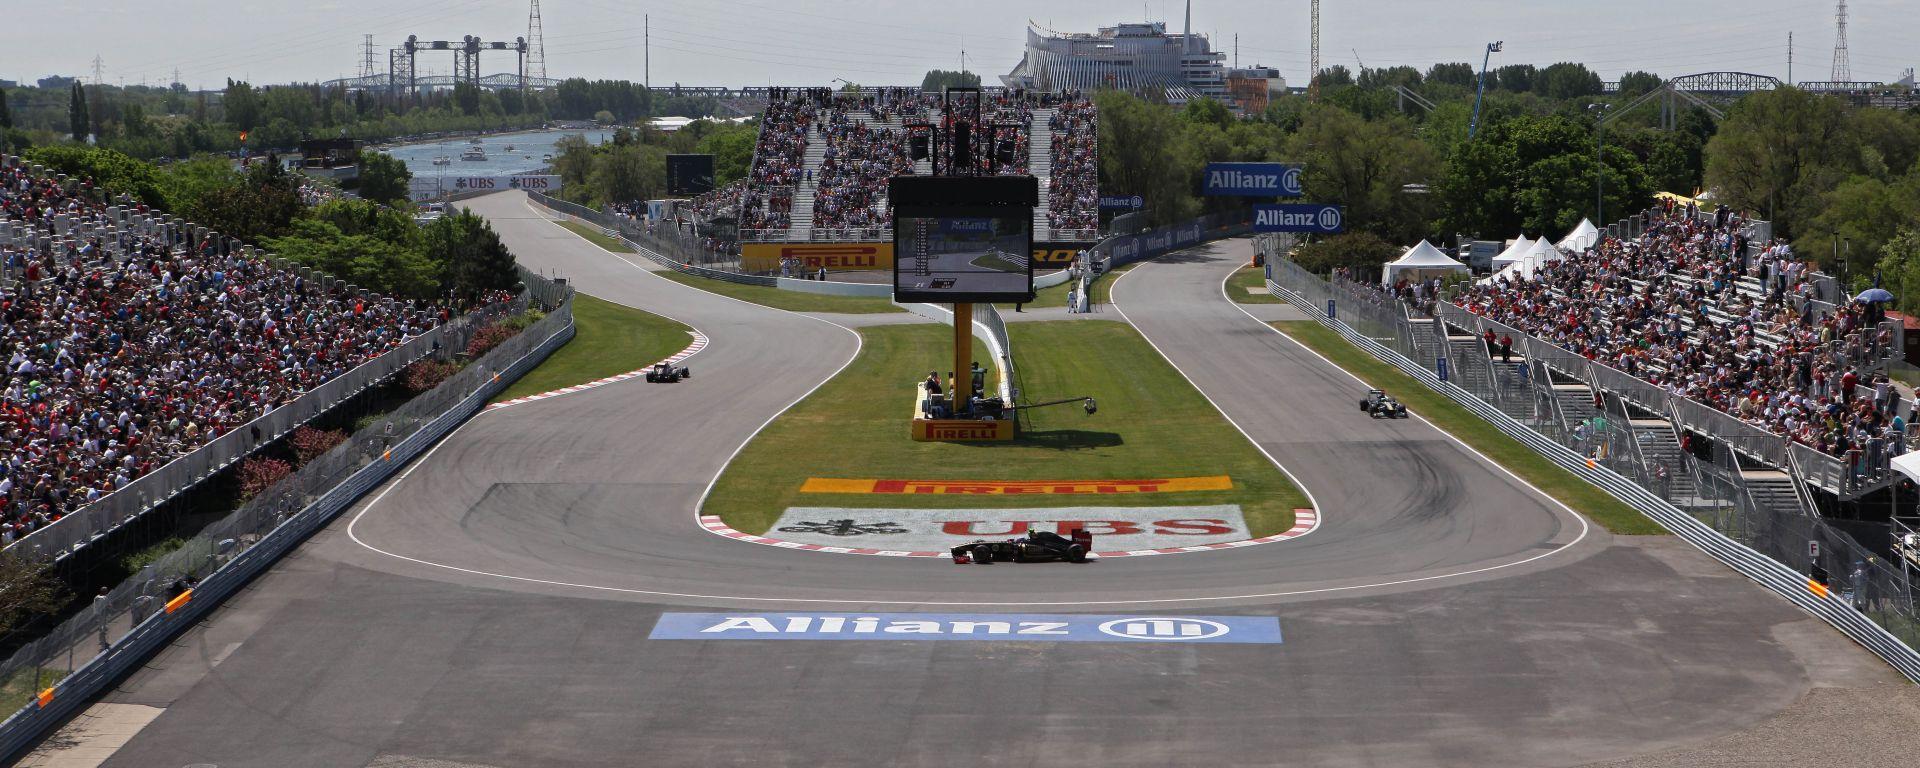 Calendario F1 2021: non tutti ottimisti come Liberty   MotorBox